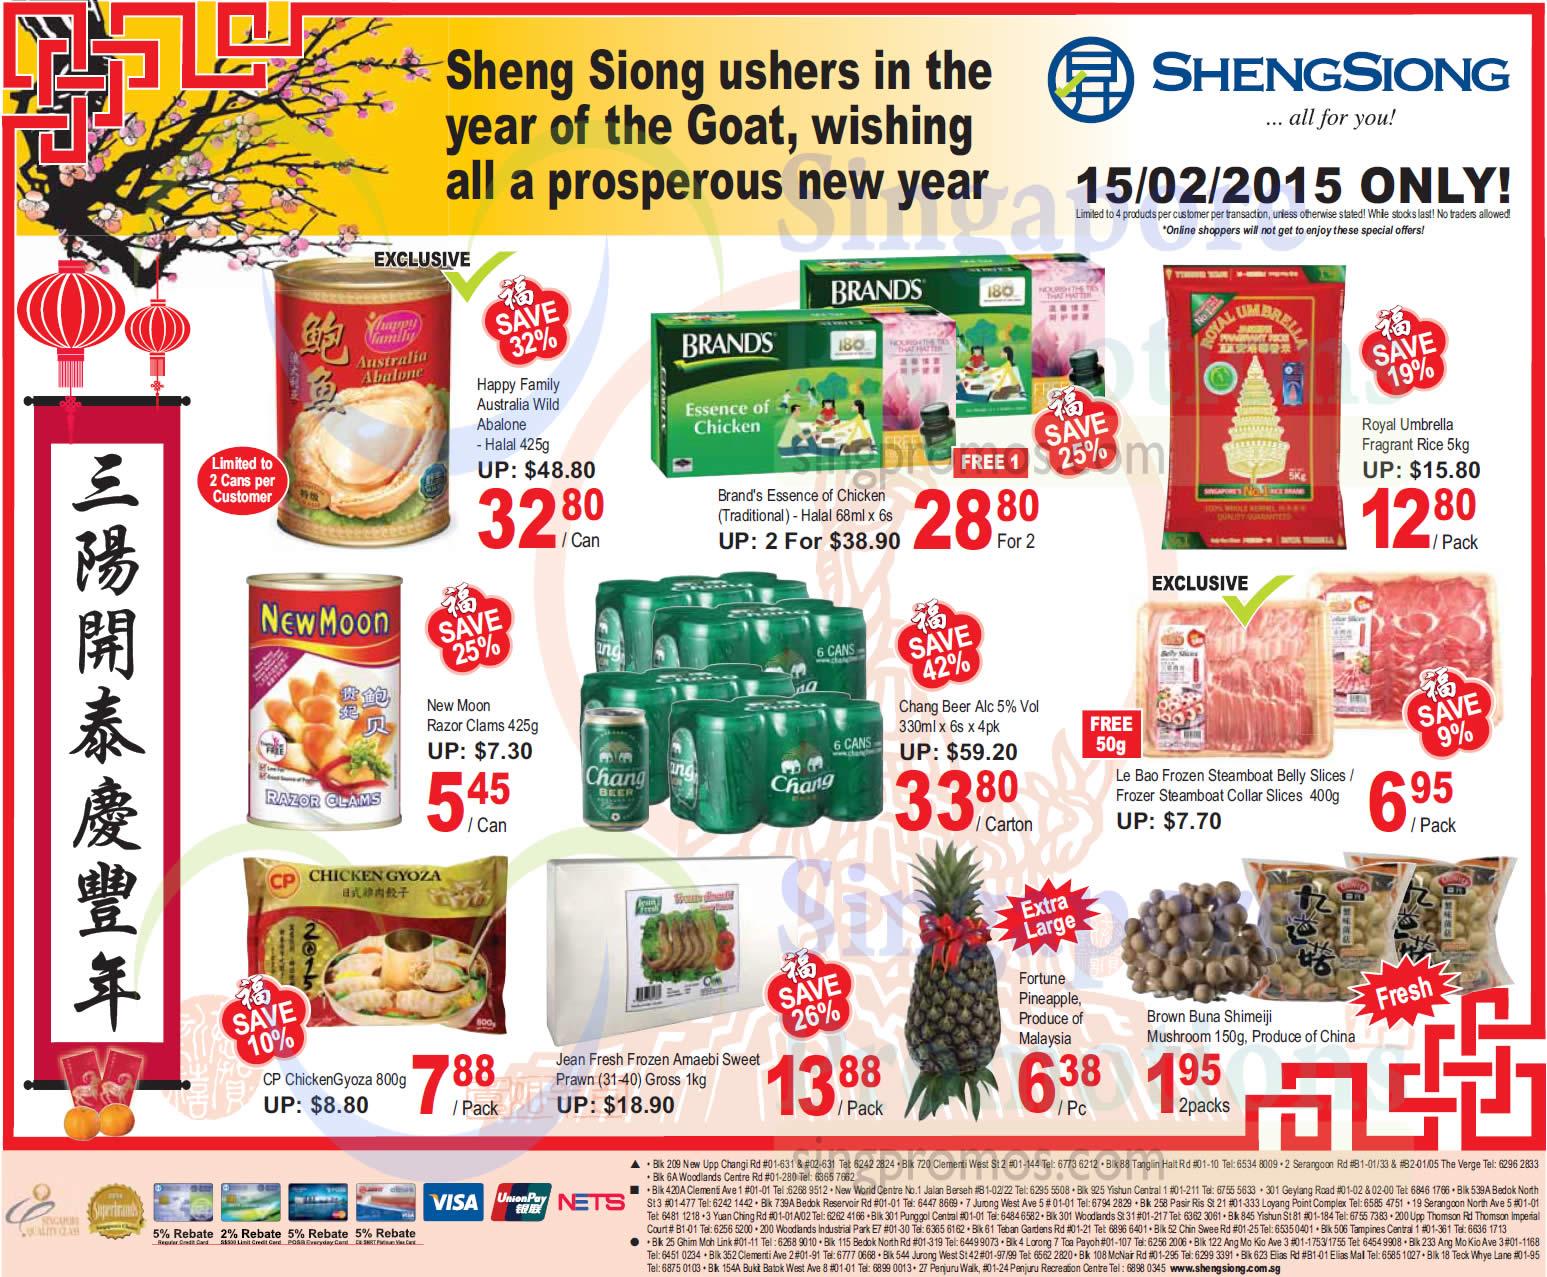 Sheng Siong 15 Feb 2015